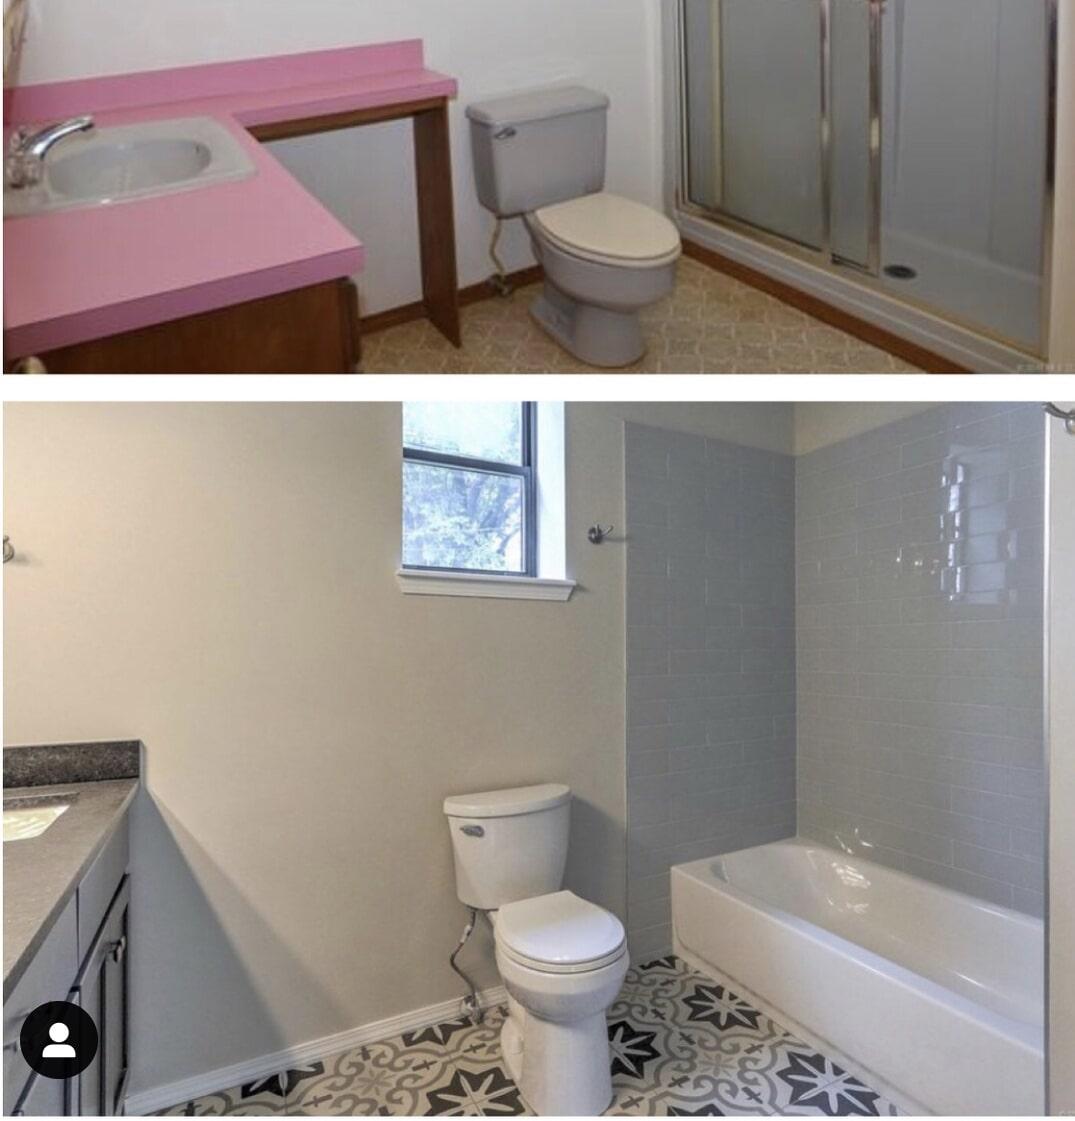 Bathroomm remodel in Bixby, OK from Superior Wood Floors & Tile